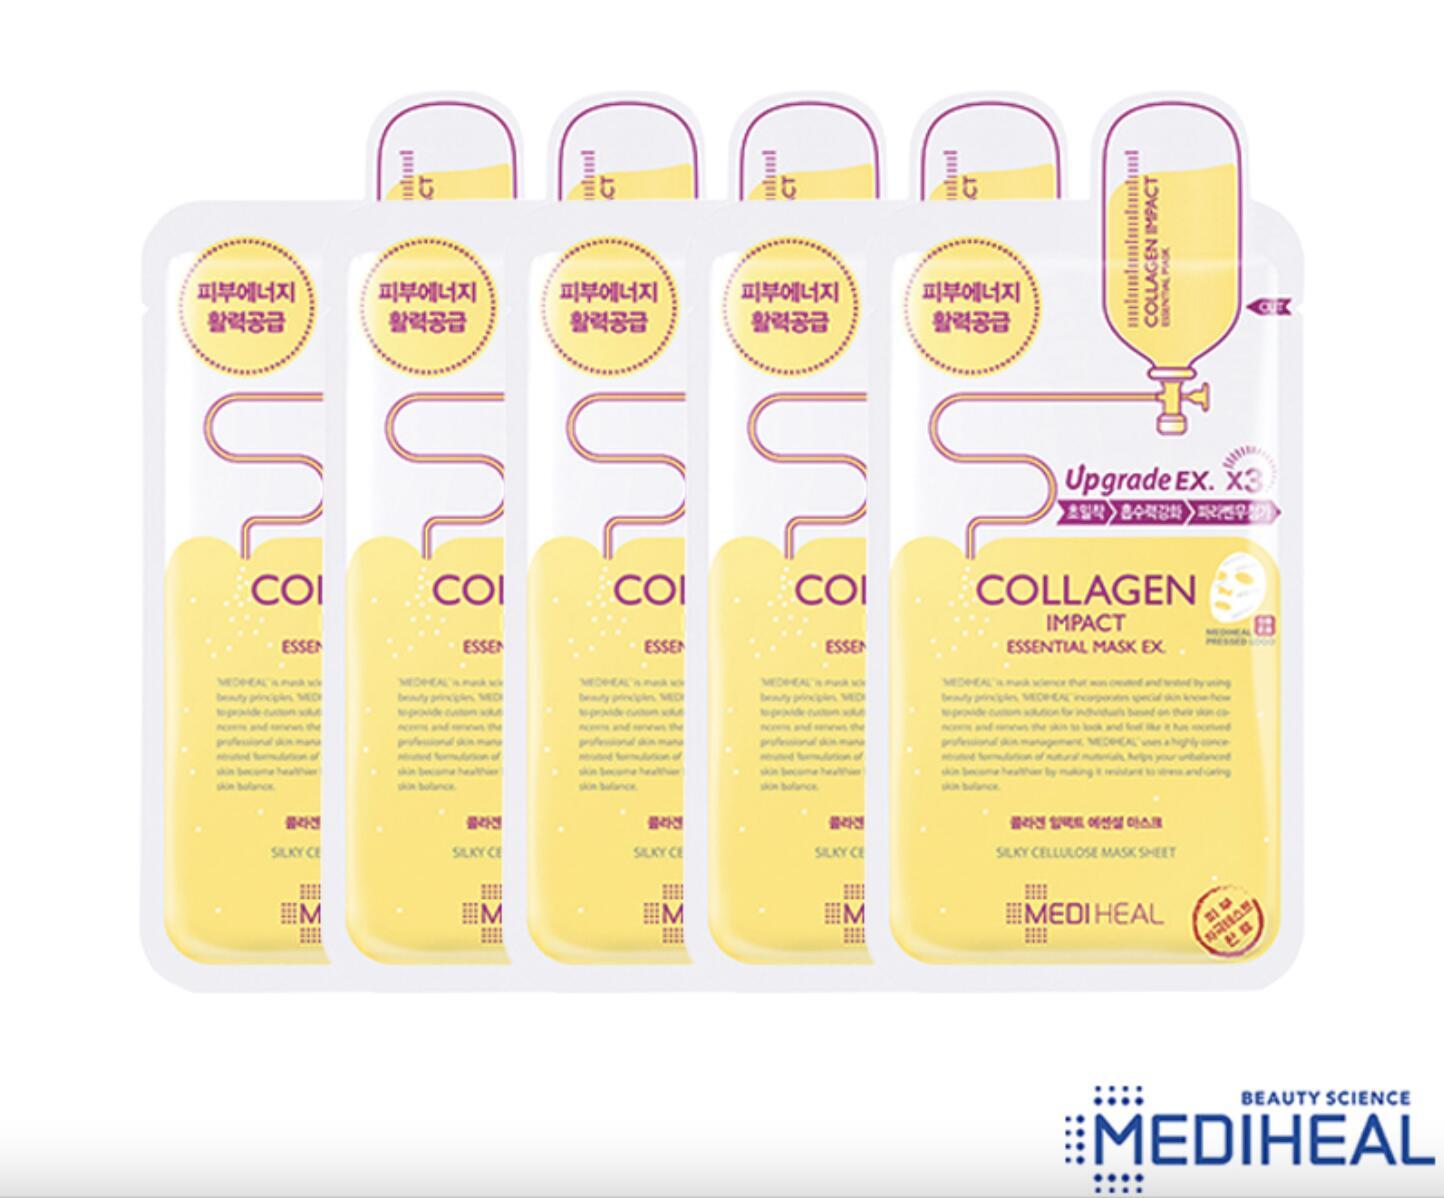 特価 MEDIHEAL 新色追加 送料無料 メディヒール コラーゲン インパクト エッセンシャル マスク パック EX 韓国コスメ 美肌 25mlx5枚 肌ケア